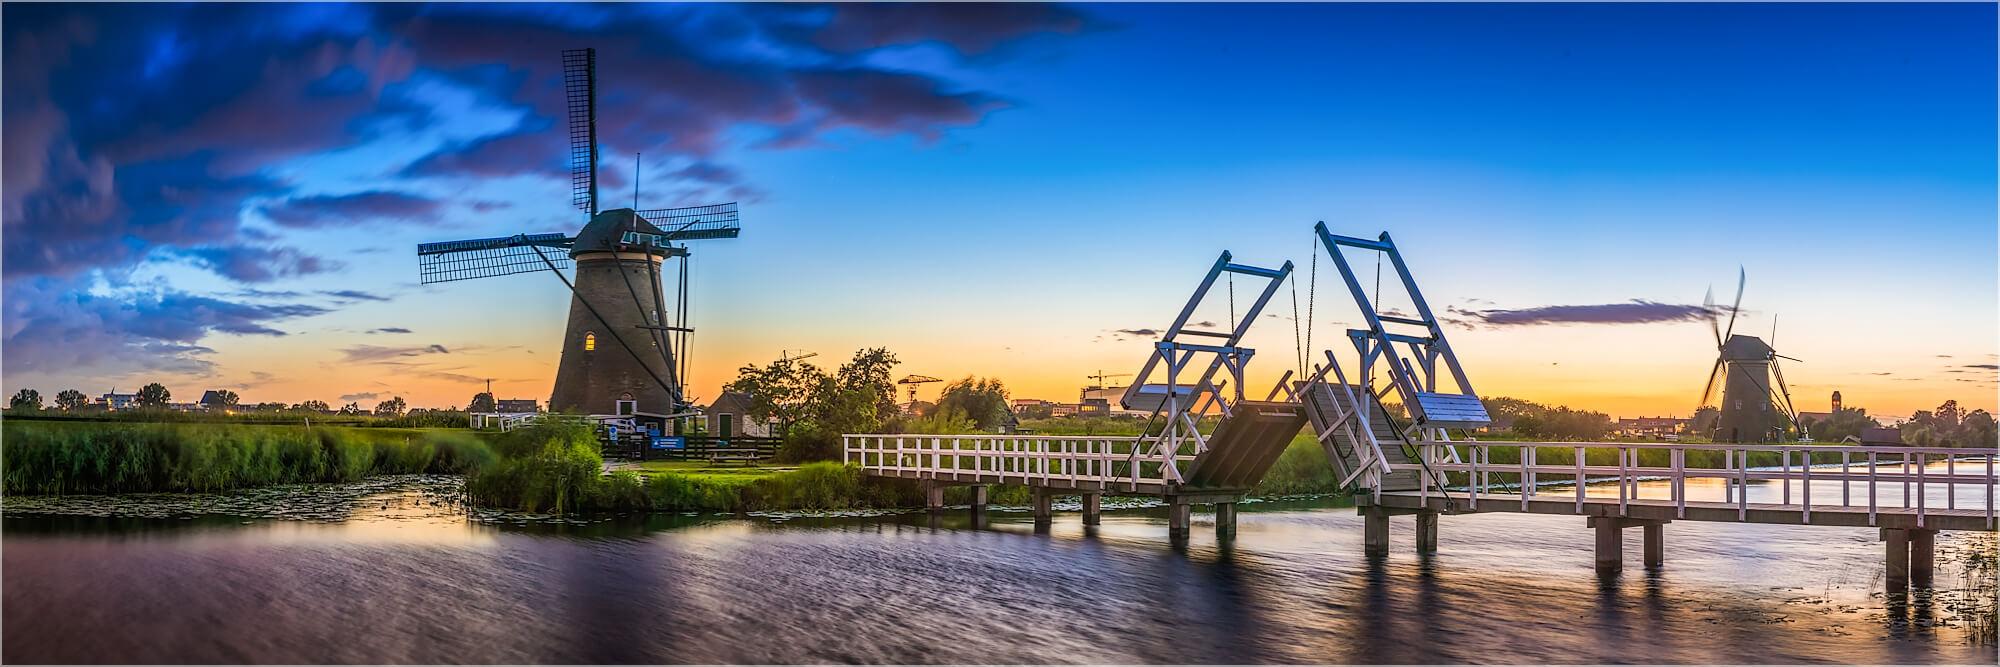 Panoramabild Klappbrücke in Kinderdijk Holland